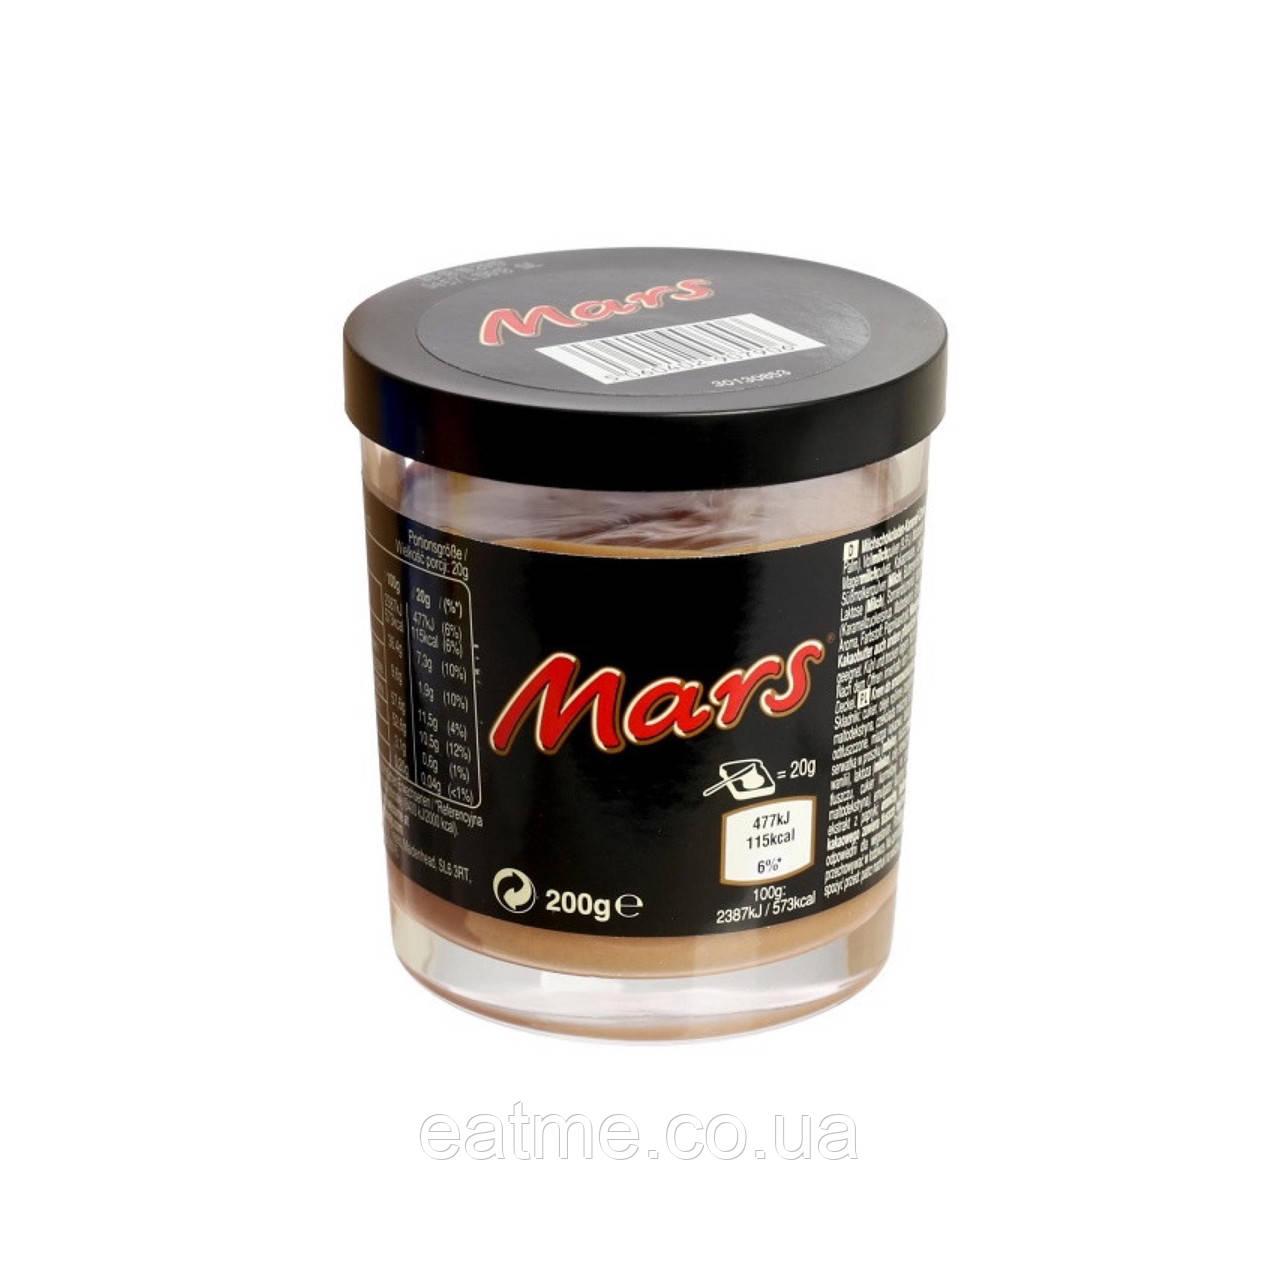 Шоколадная паста Mars из молочного шоколада с карамелью